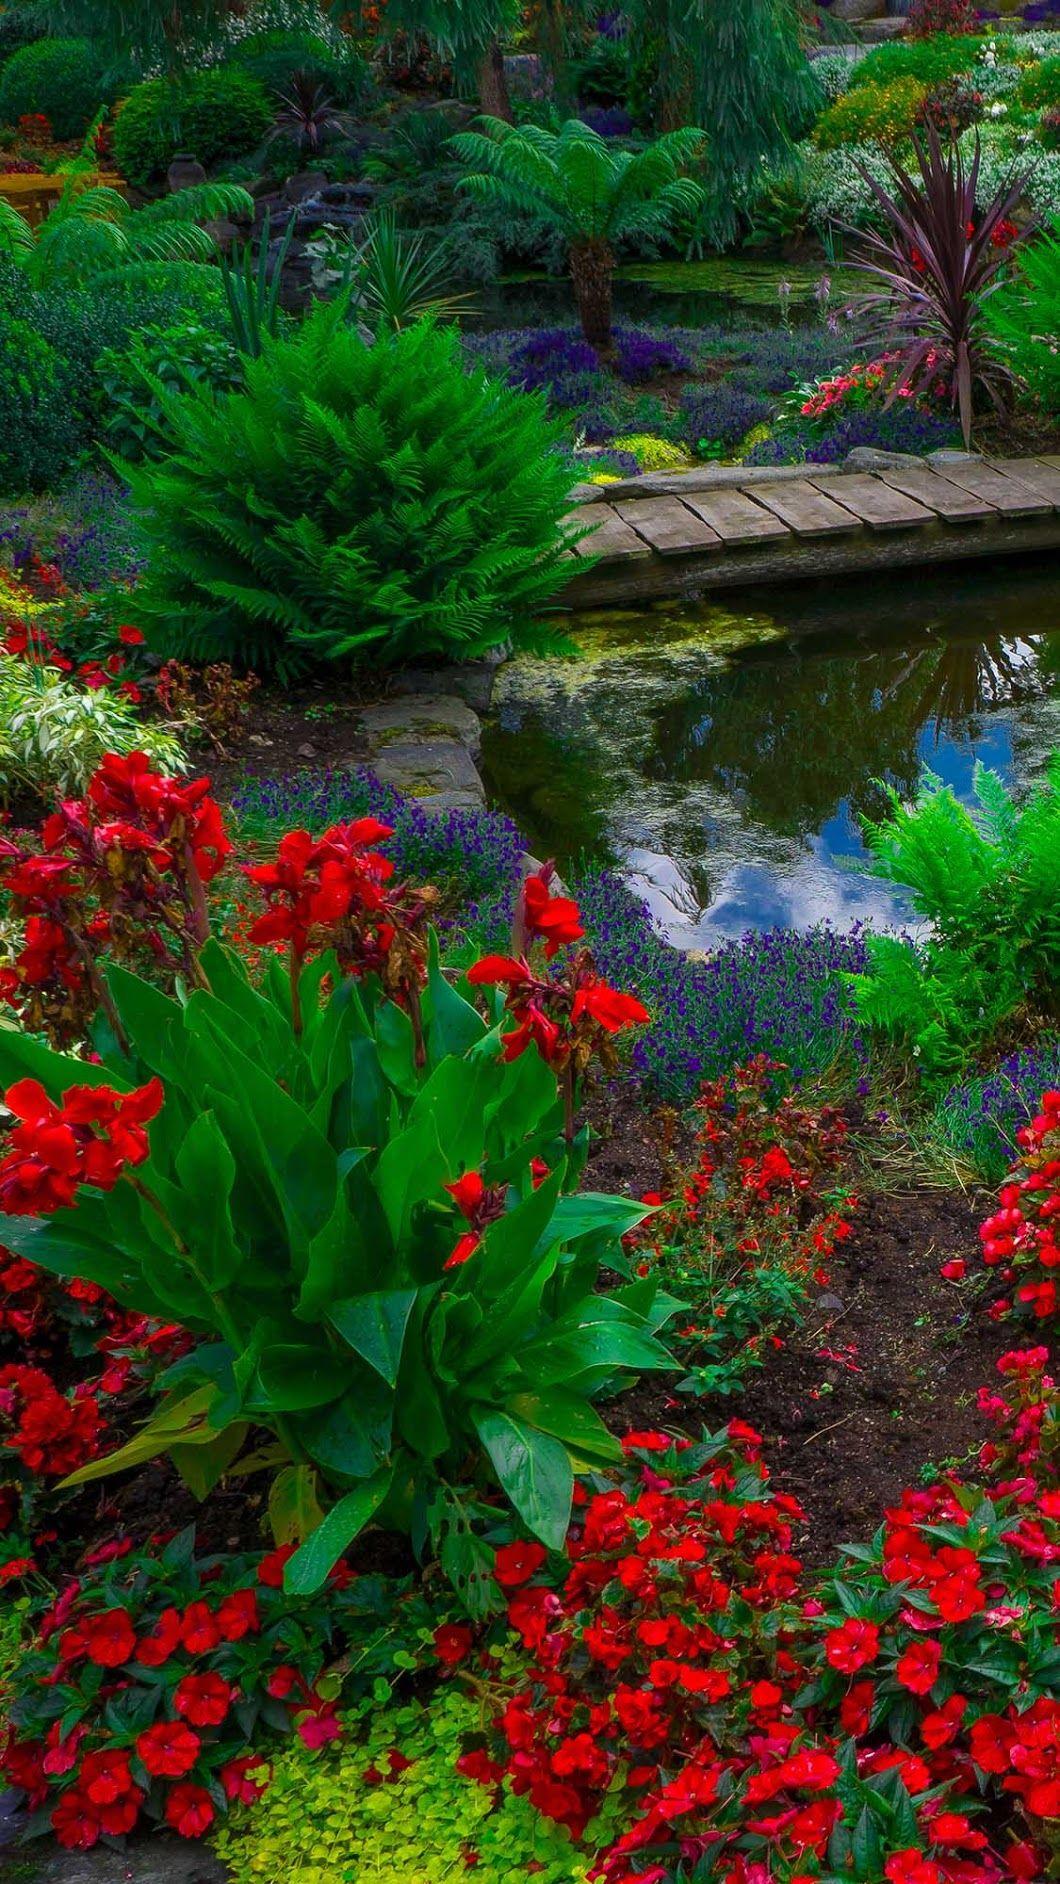 Paisajes hermoso que nos regala nuestro padre gudelia - Paisajes y jardines ...